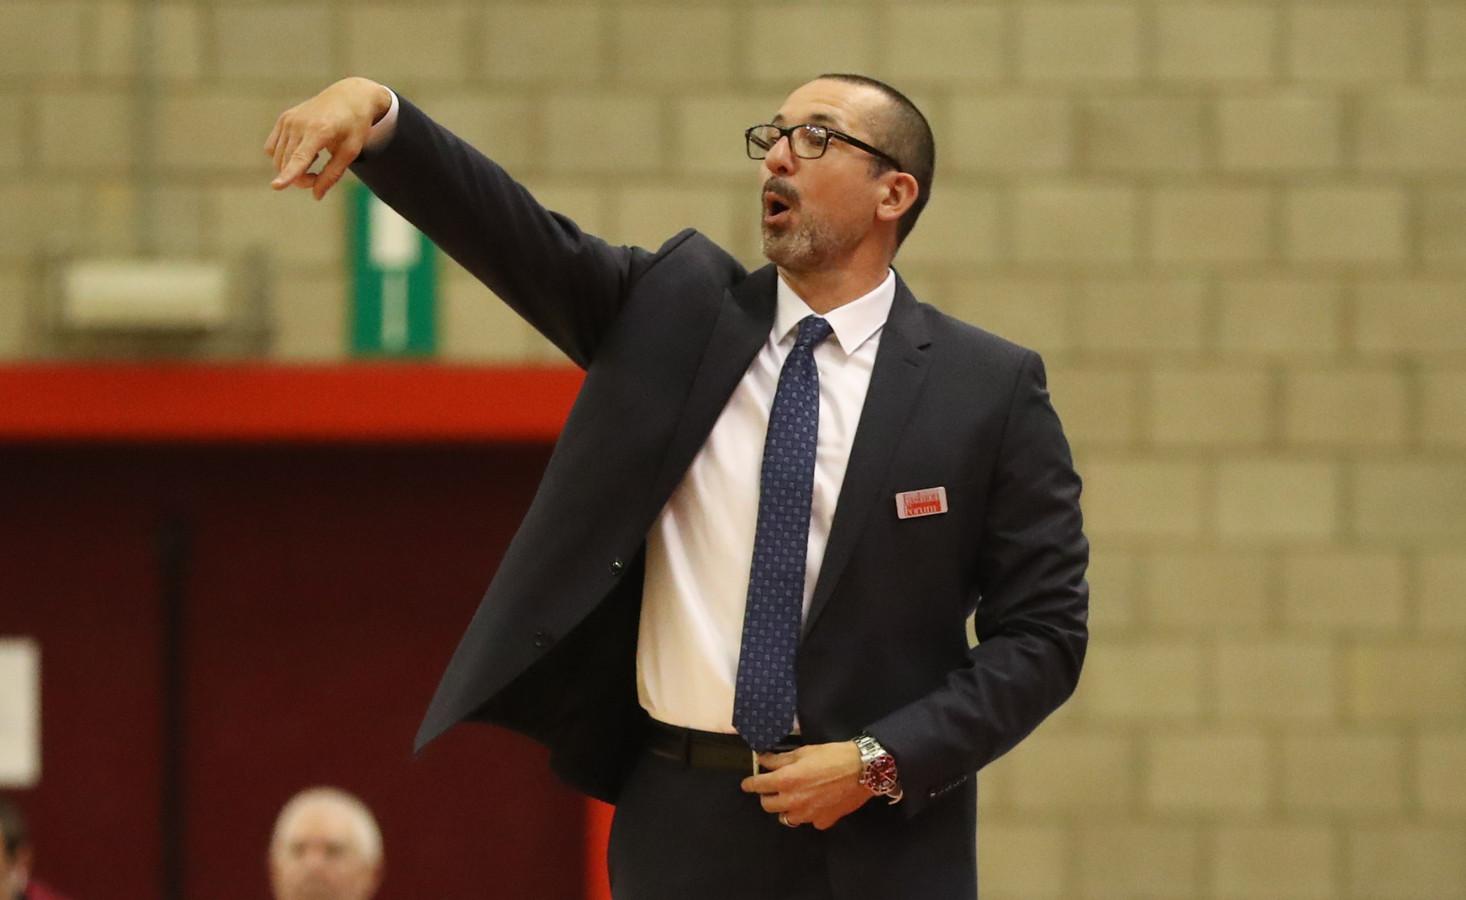 Jean-Marc Jaumin was afgelopen seizoen nog hoofdcoach bij het Belgische Okapi Aalstar, waar hij eind maart ontslagen werd.